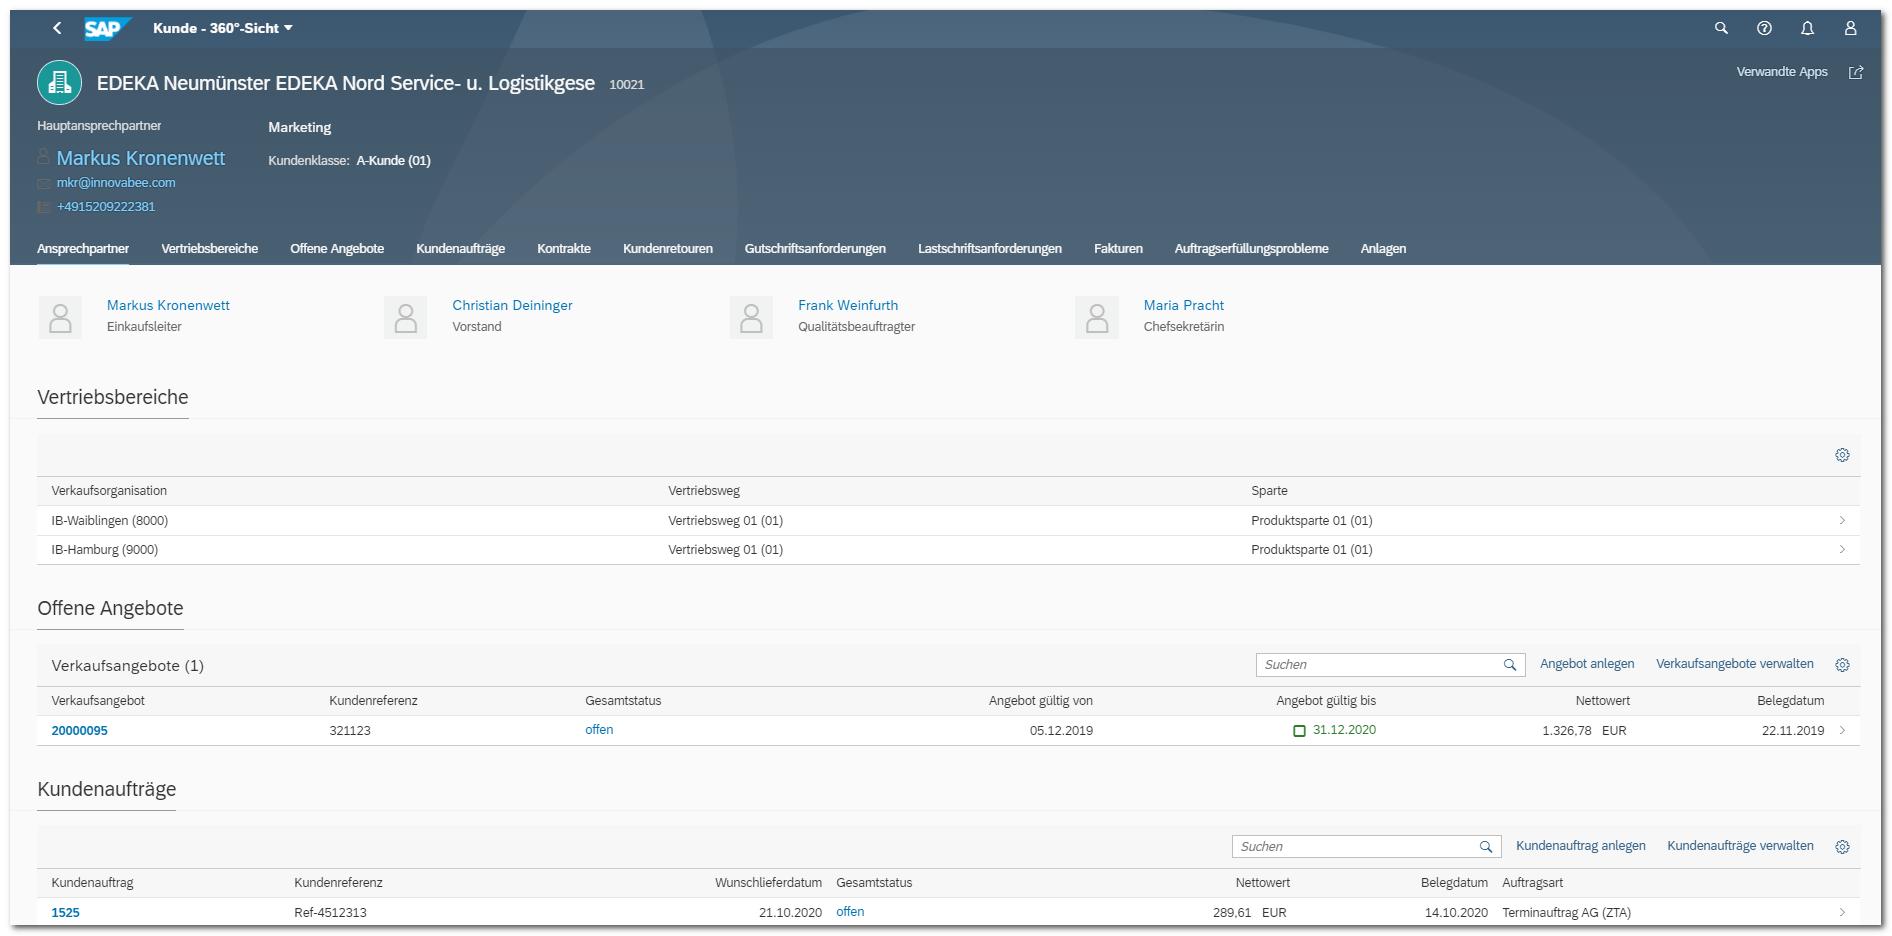 Blog Screen Sales 360 Grad Highlights S4HANA - Die besten Apps aus 5 Jahren SAP S/4HANA – Teil 4: Vertrieb